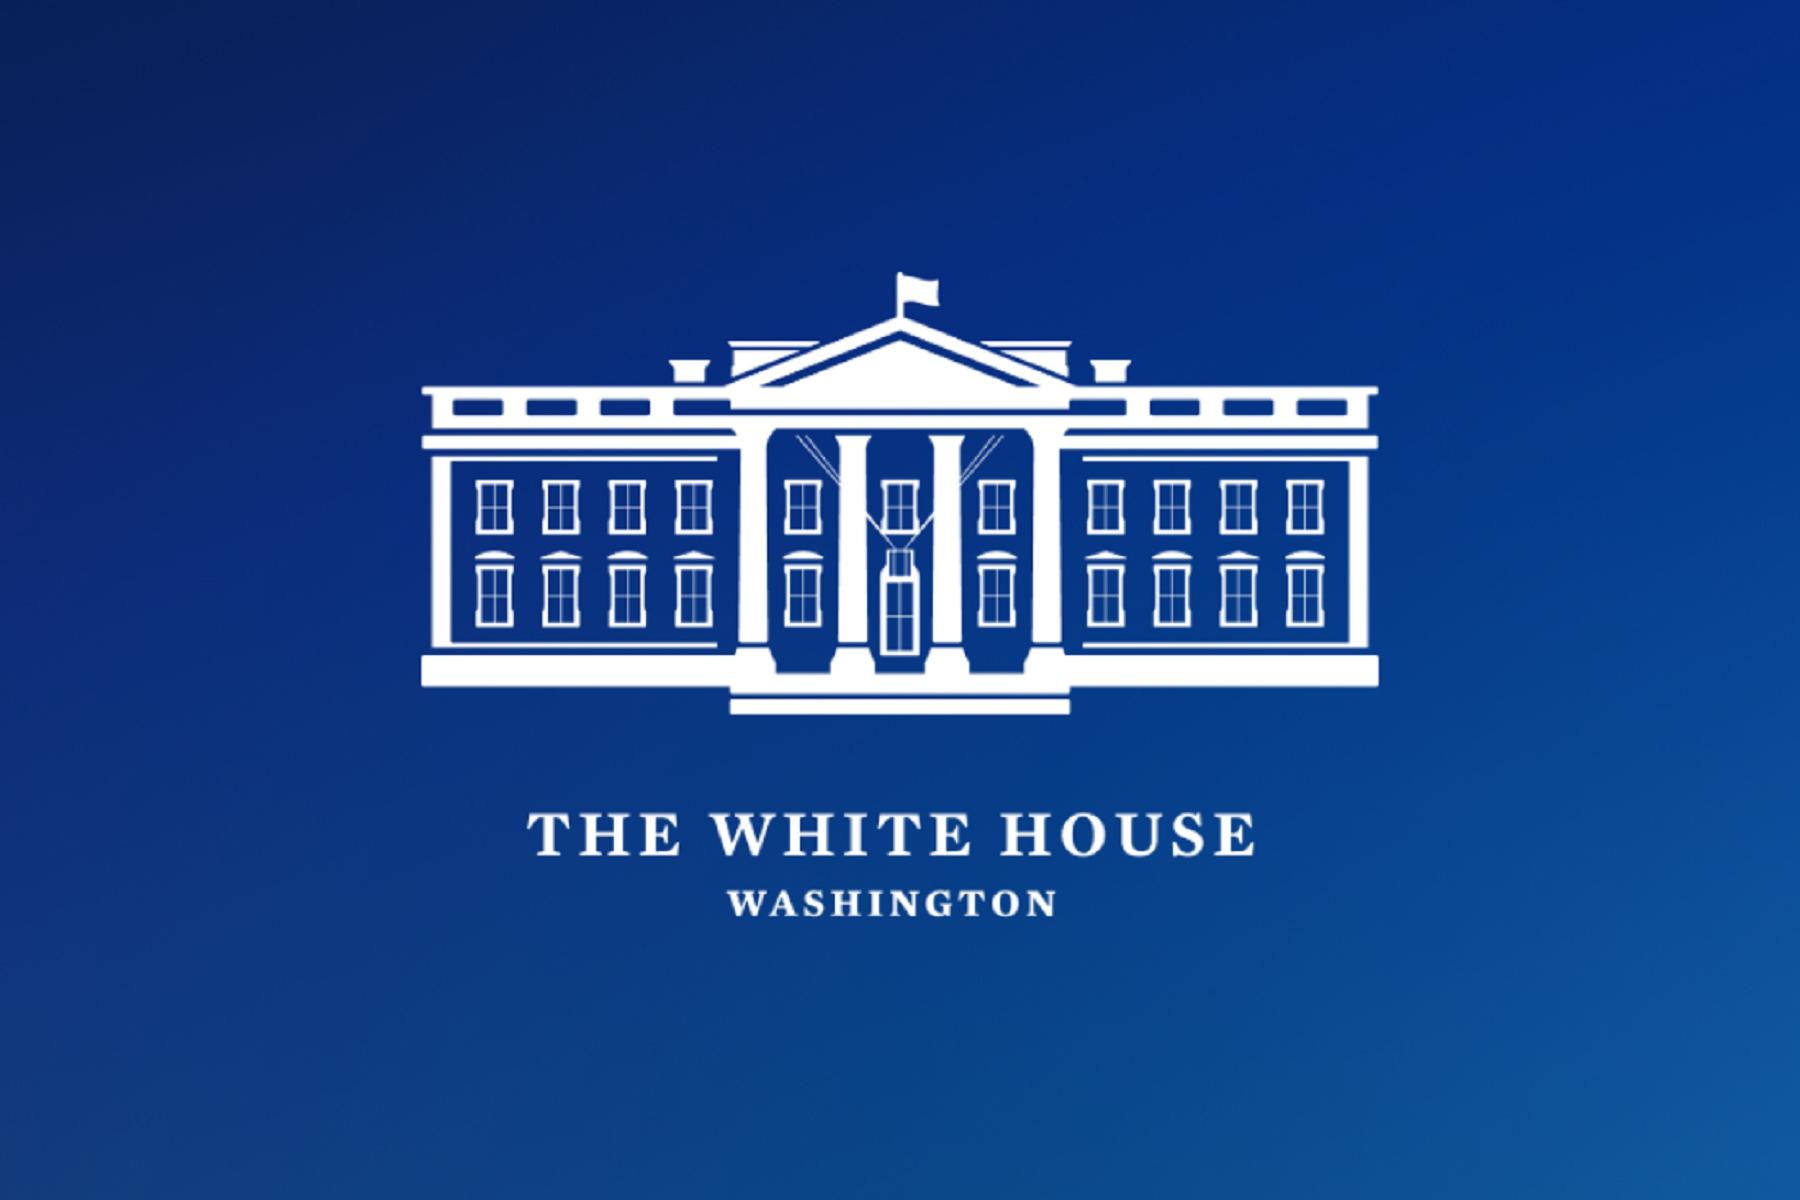 ΗΠΑ Μπάιντεν: «Σχεδόν όλα», νοσηλείες COVID-19, θάνατοι μεταξύ μη εμβολιασμένων, λέει ο Λευκός Οίκος